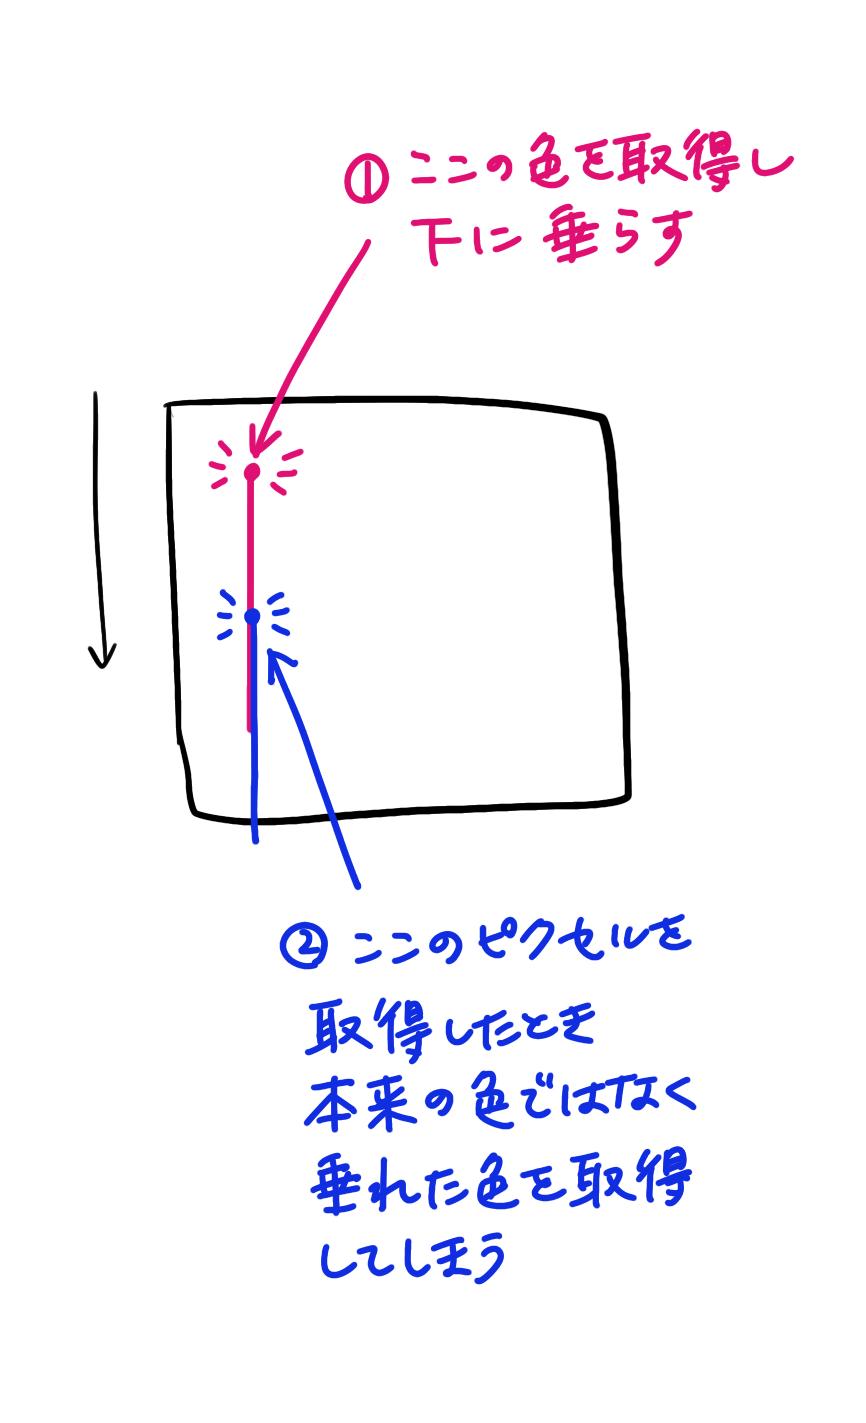 名称未設定のアートワーク.png (162.4 kB)